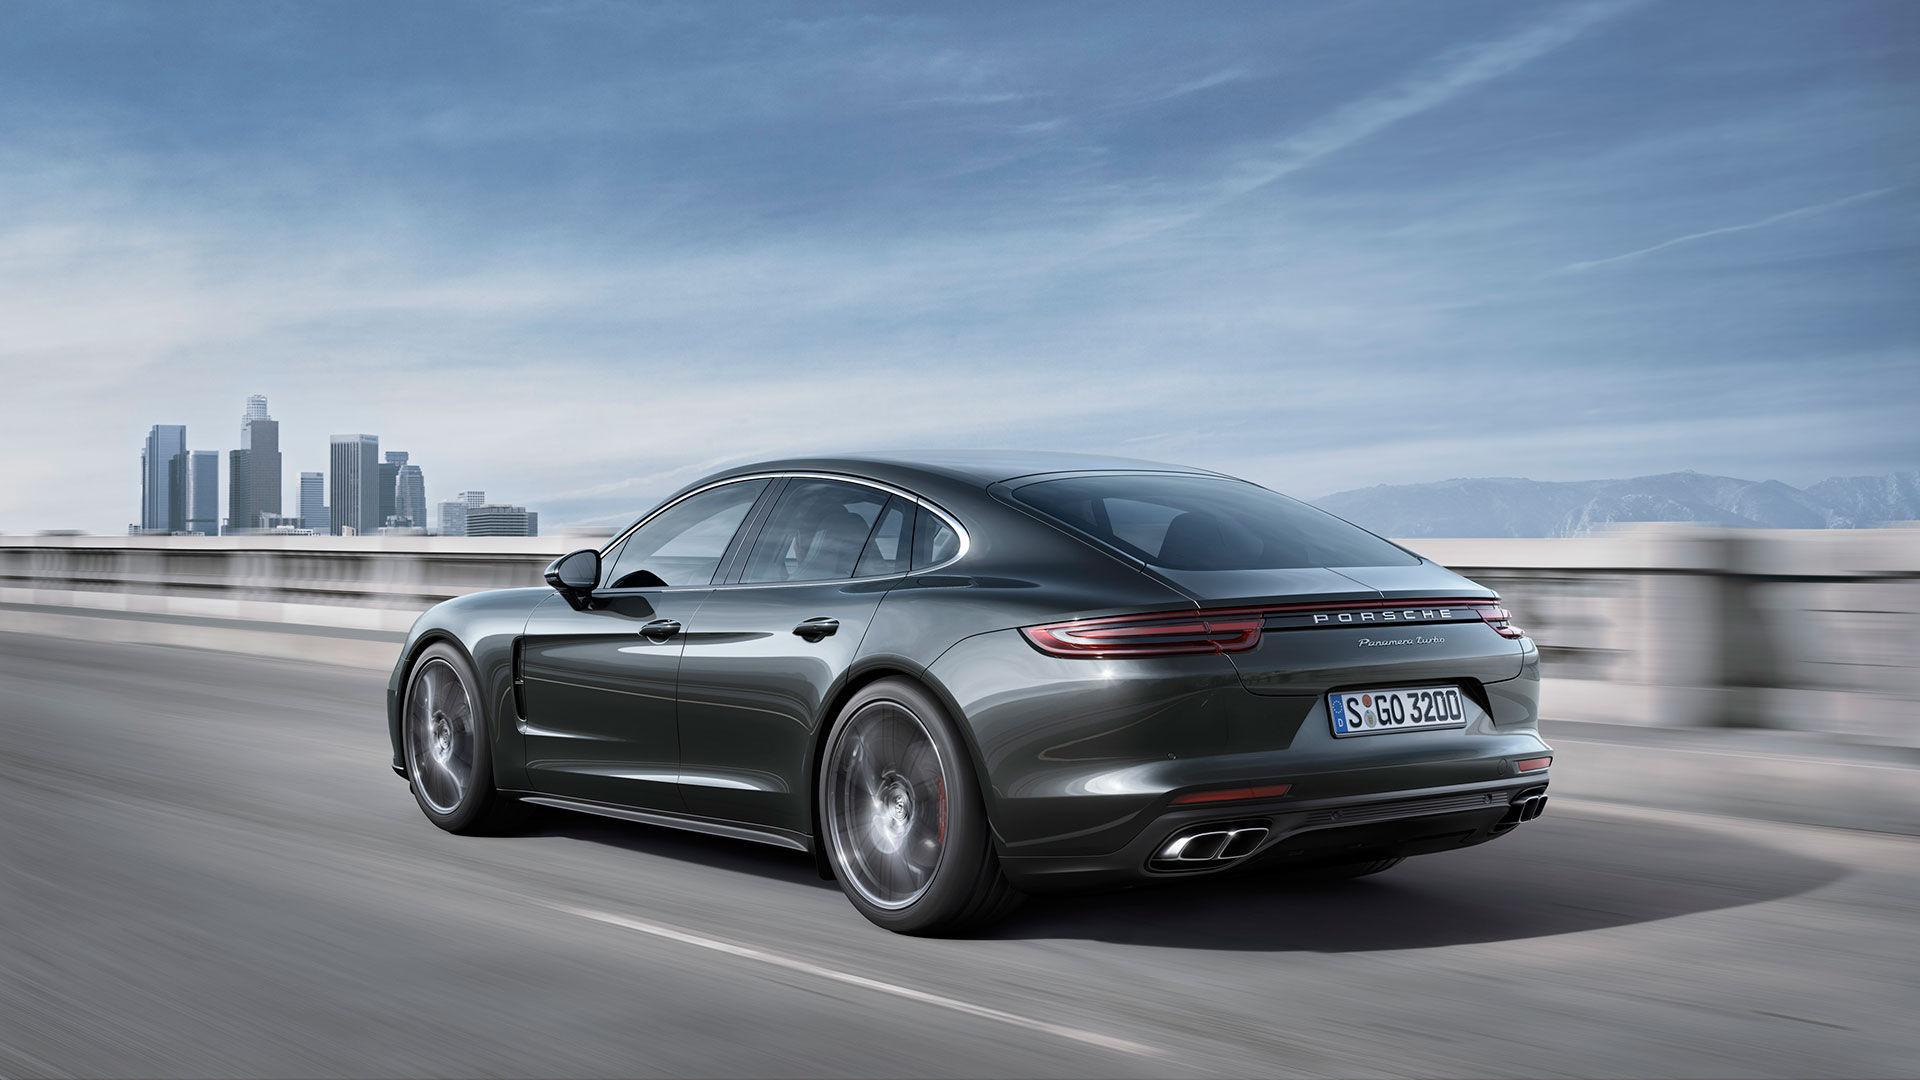 Det här är nya Porsche Panamera!